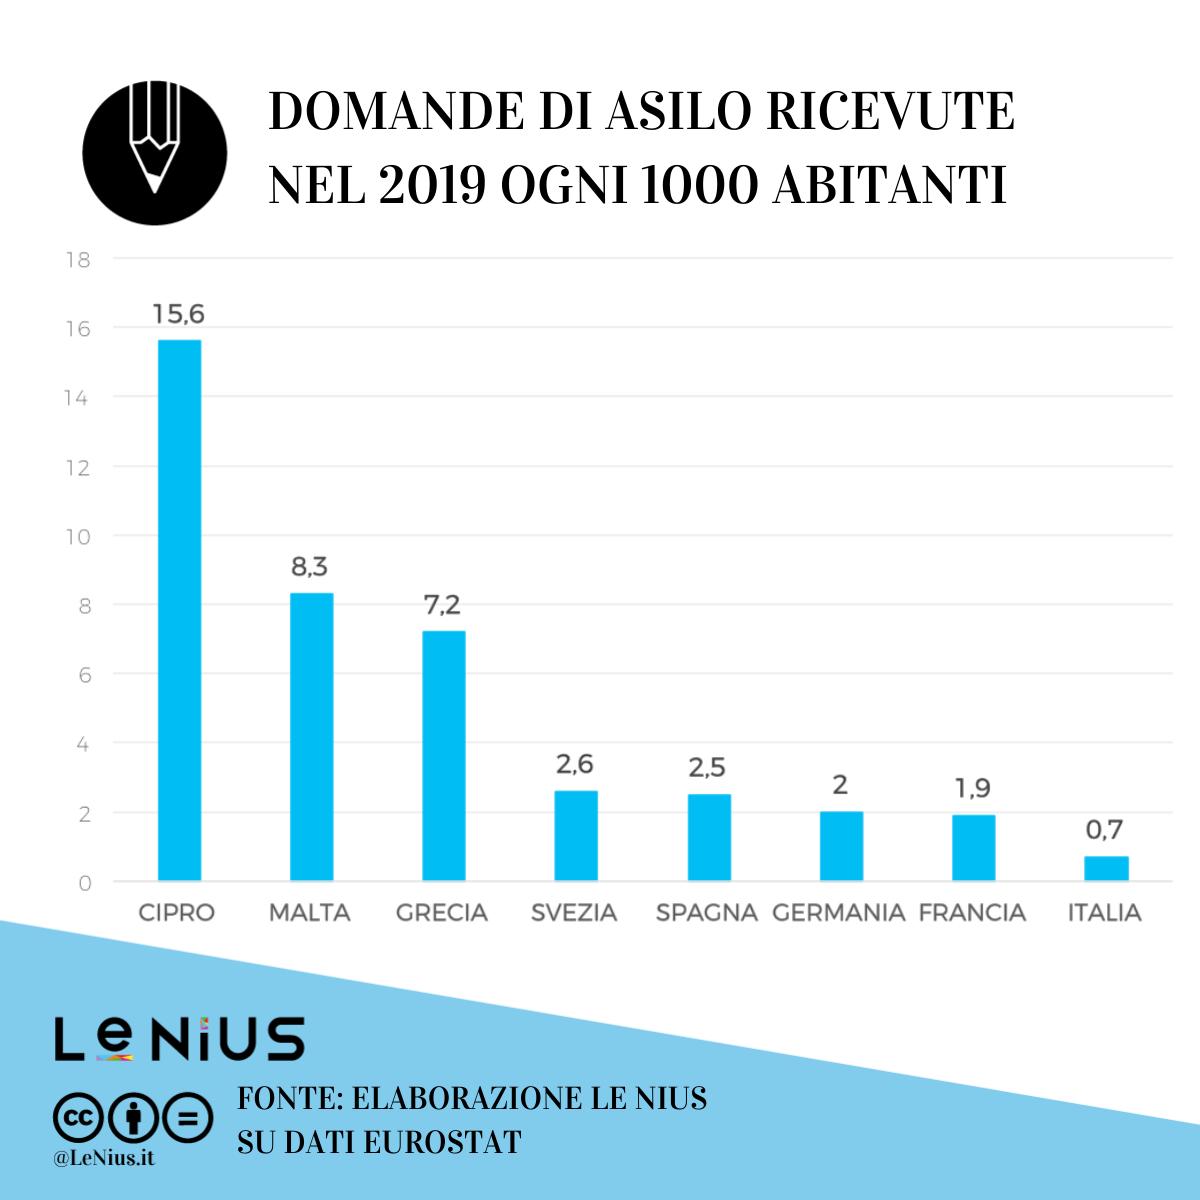 domande di asilo in europa nel 2019